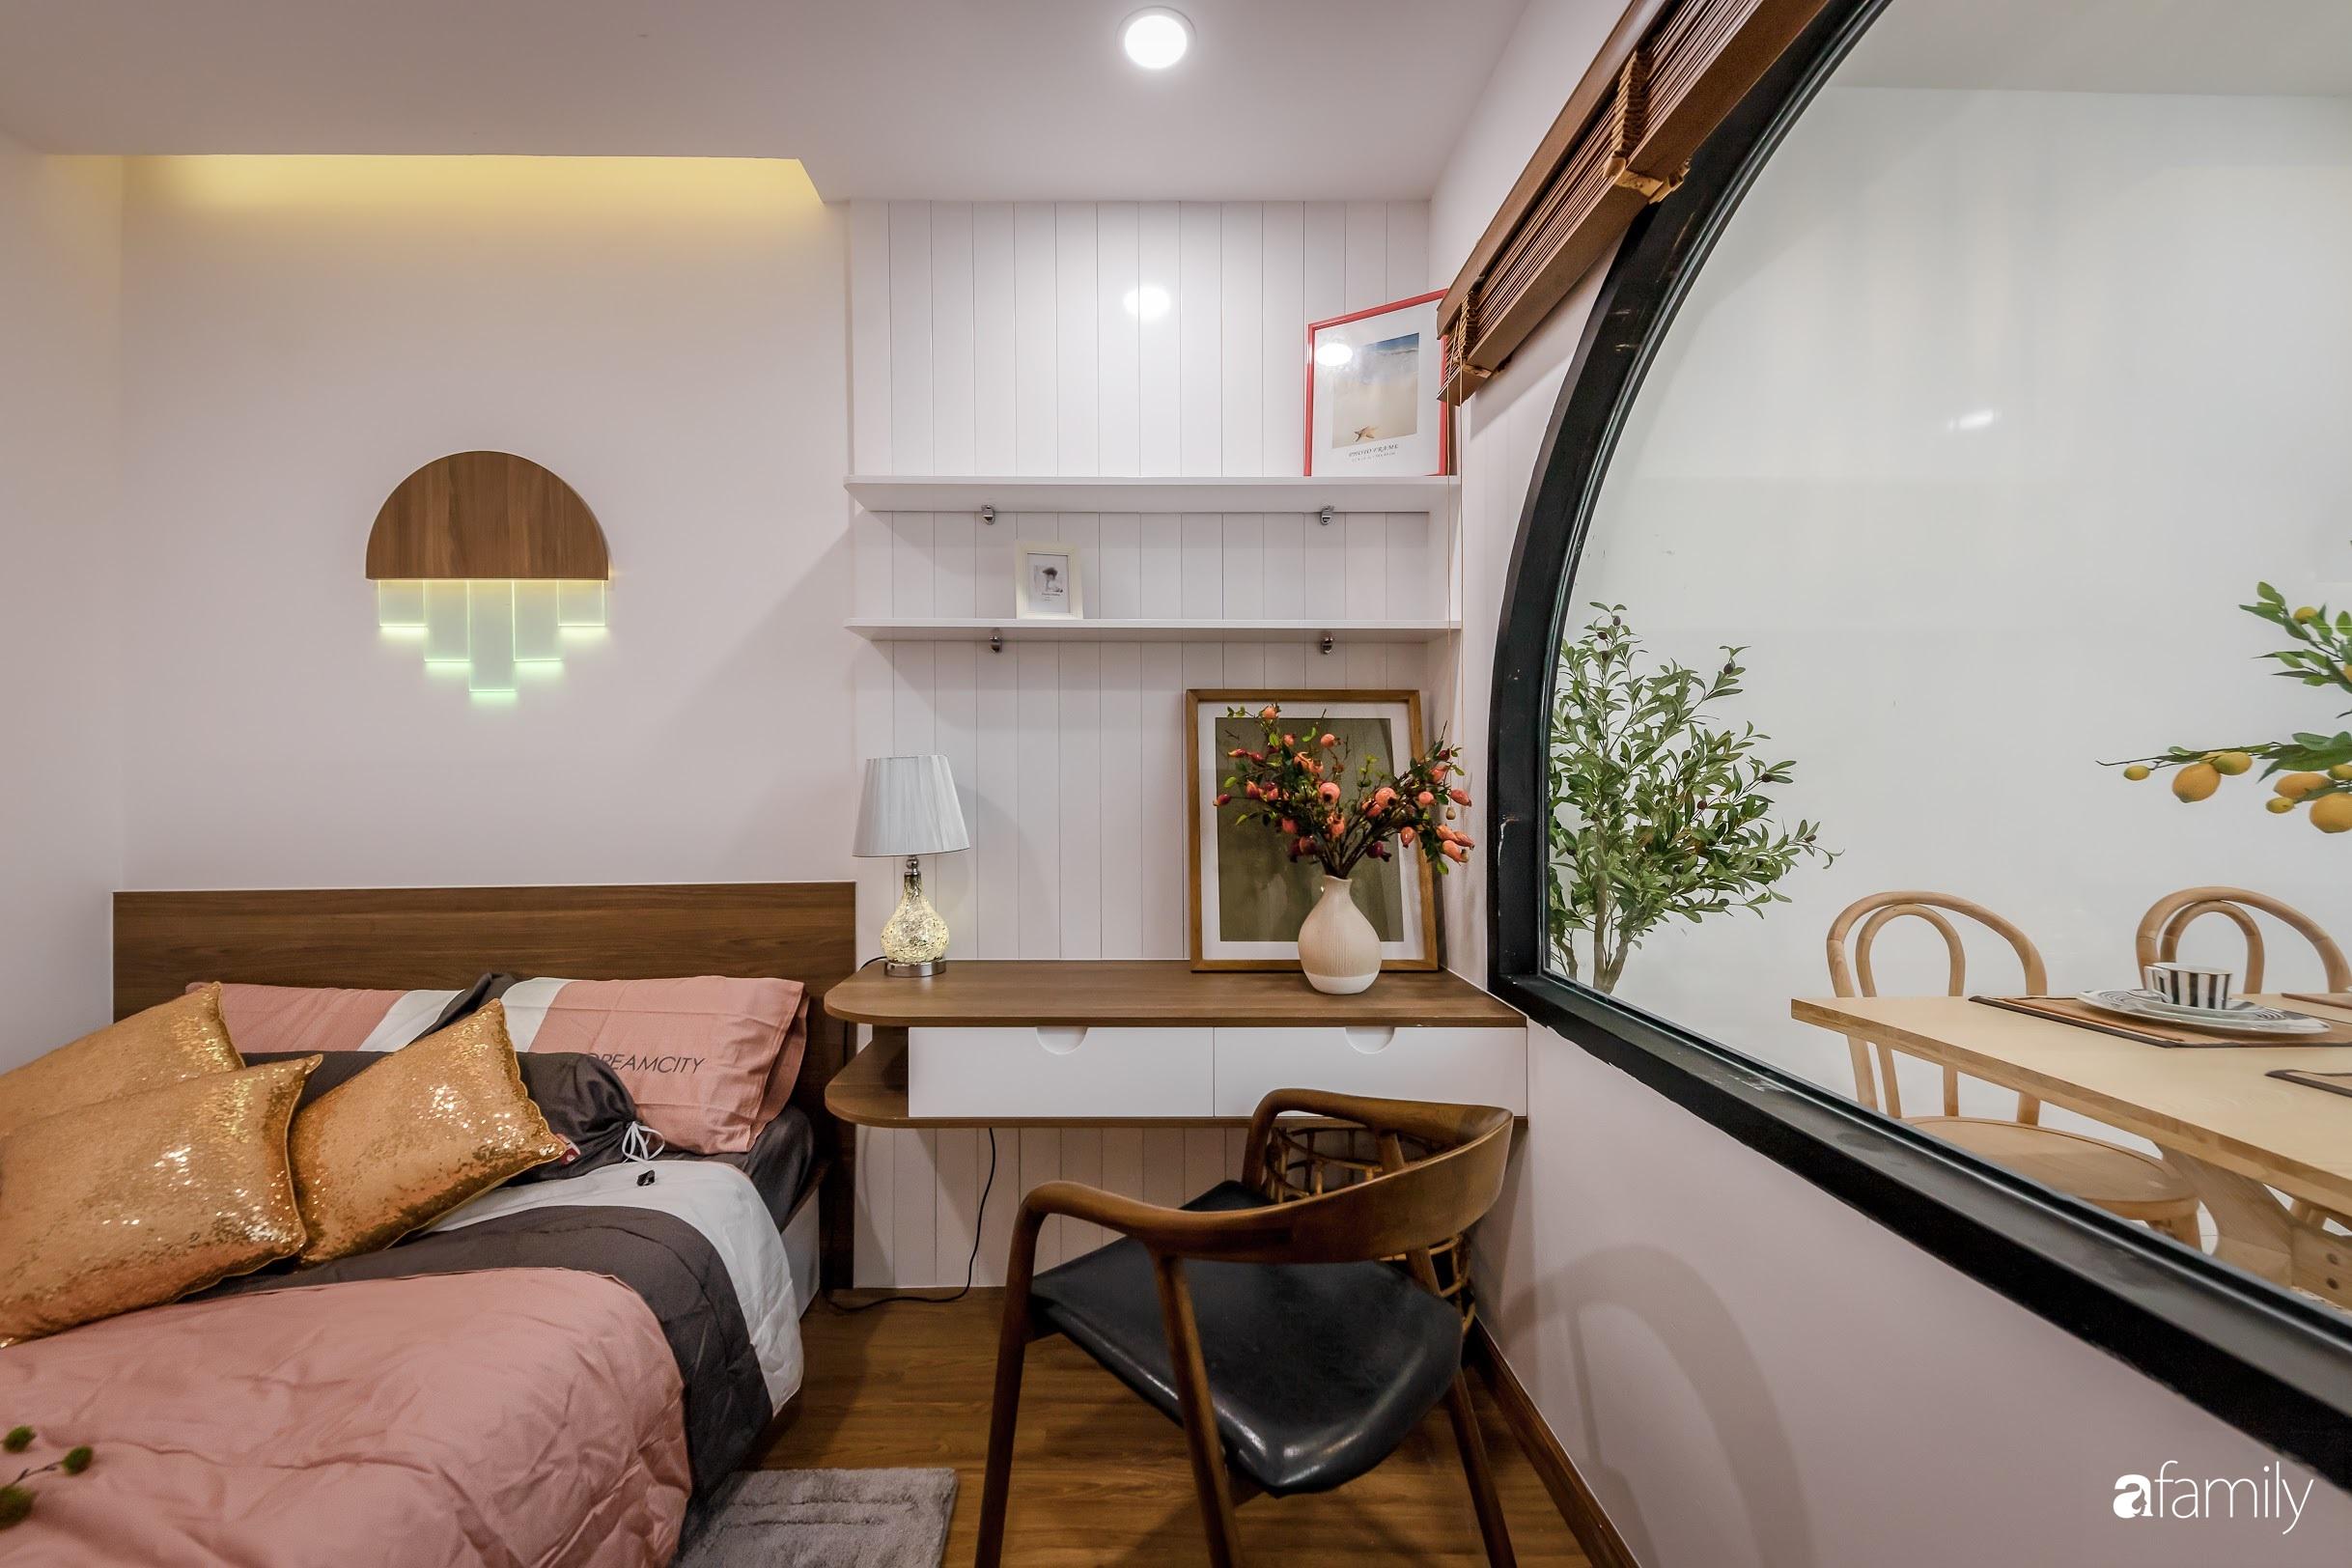 Nhà phố Tiền Giang đẹp hài hòa với thiết kế hiện đại, bố trí nội thất thông minh với chi phí 1,8 tỉ đồng - Ảnh 14.